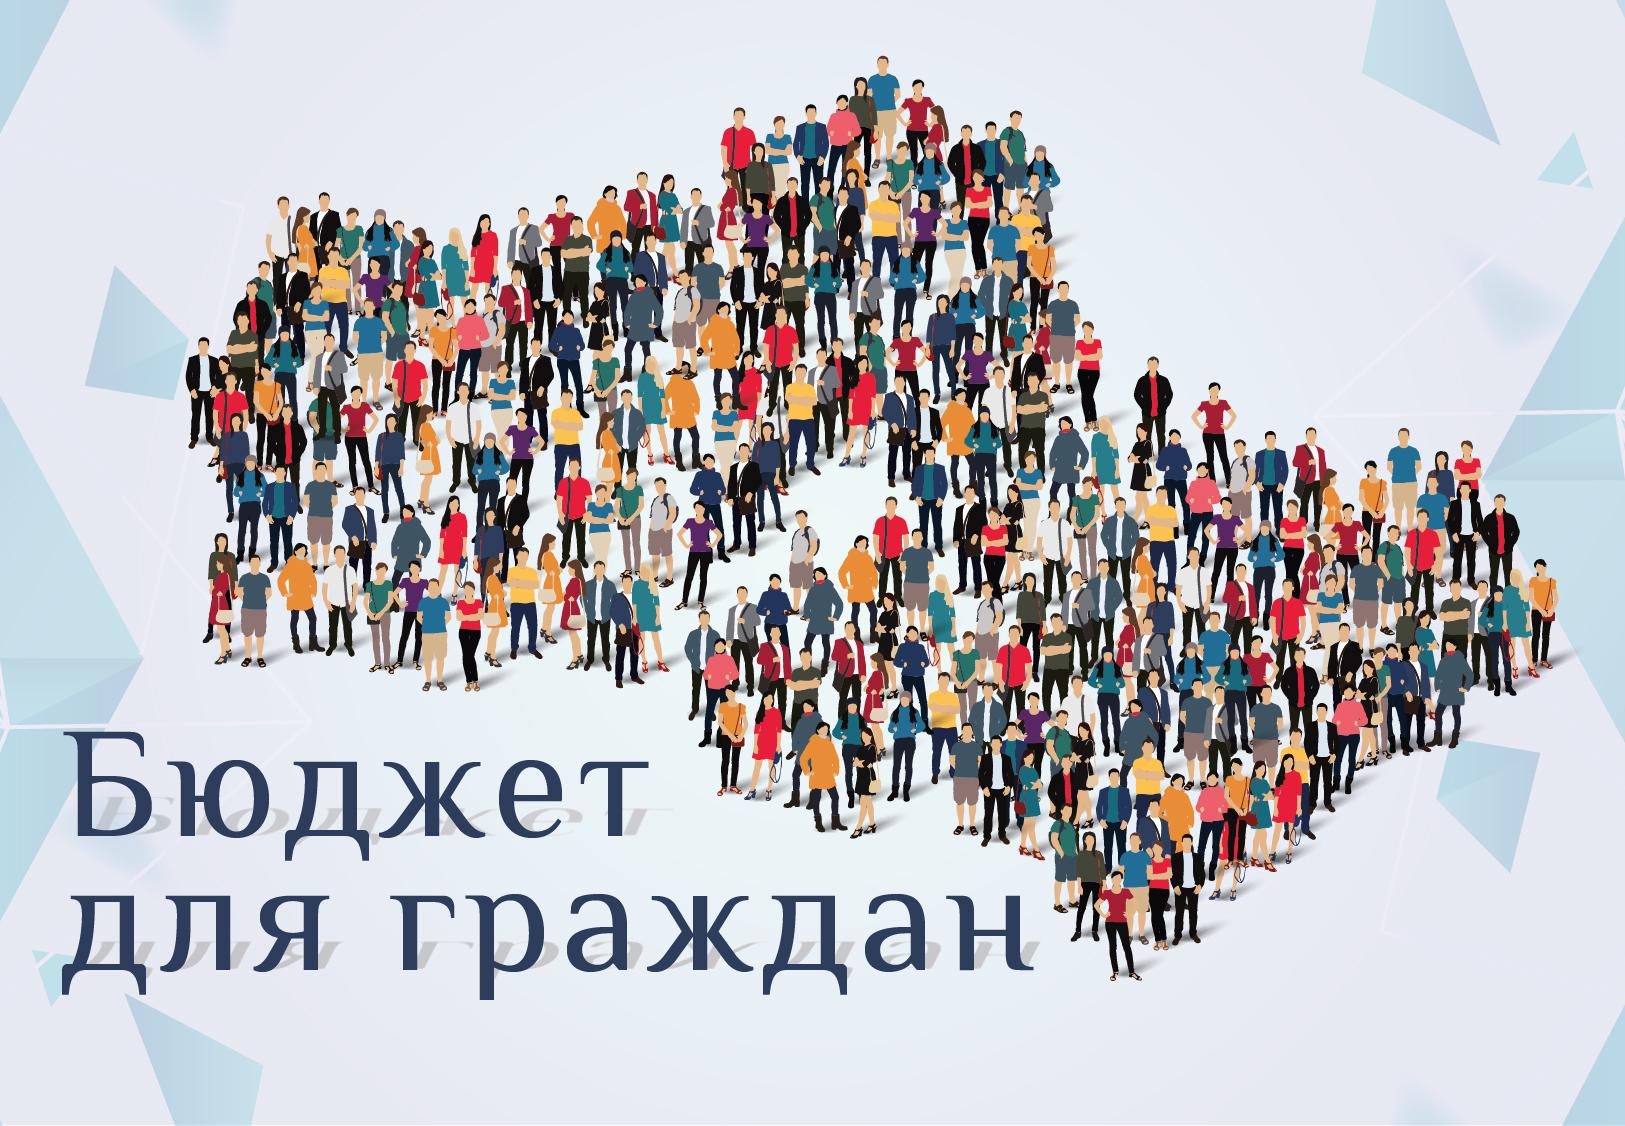 Конкурс проектов по представлению бюджета для граждан стартовал в Подмосковье